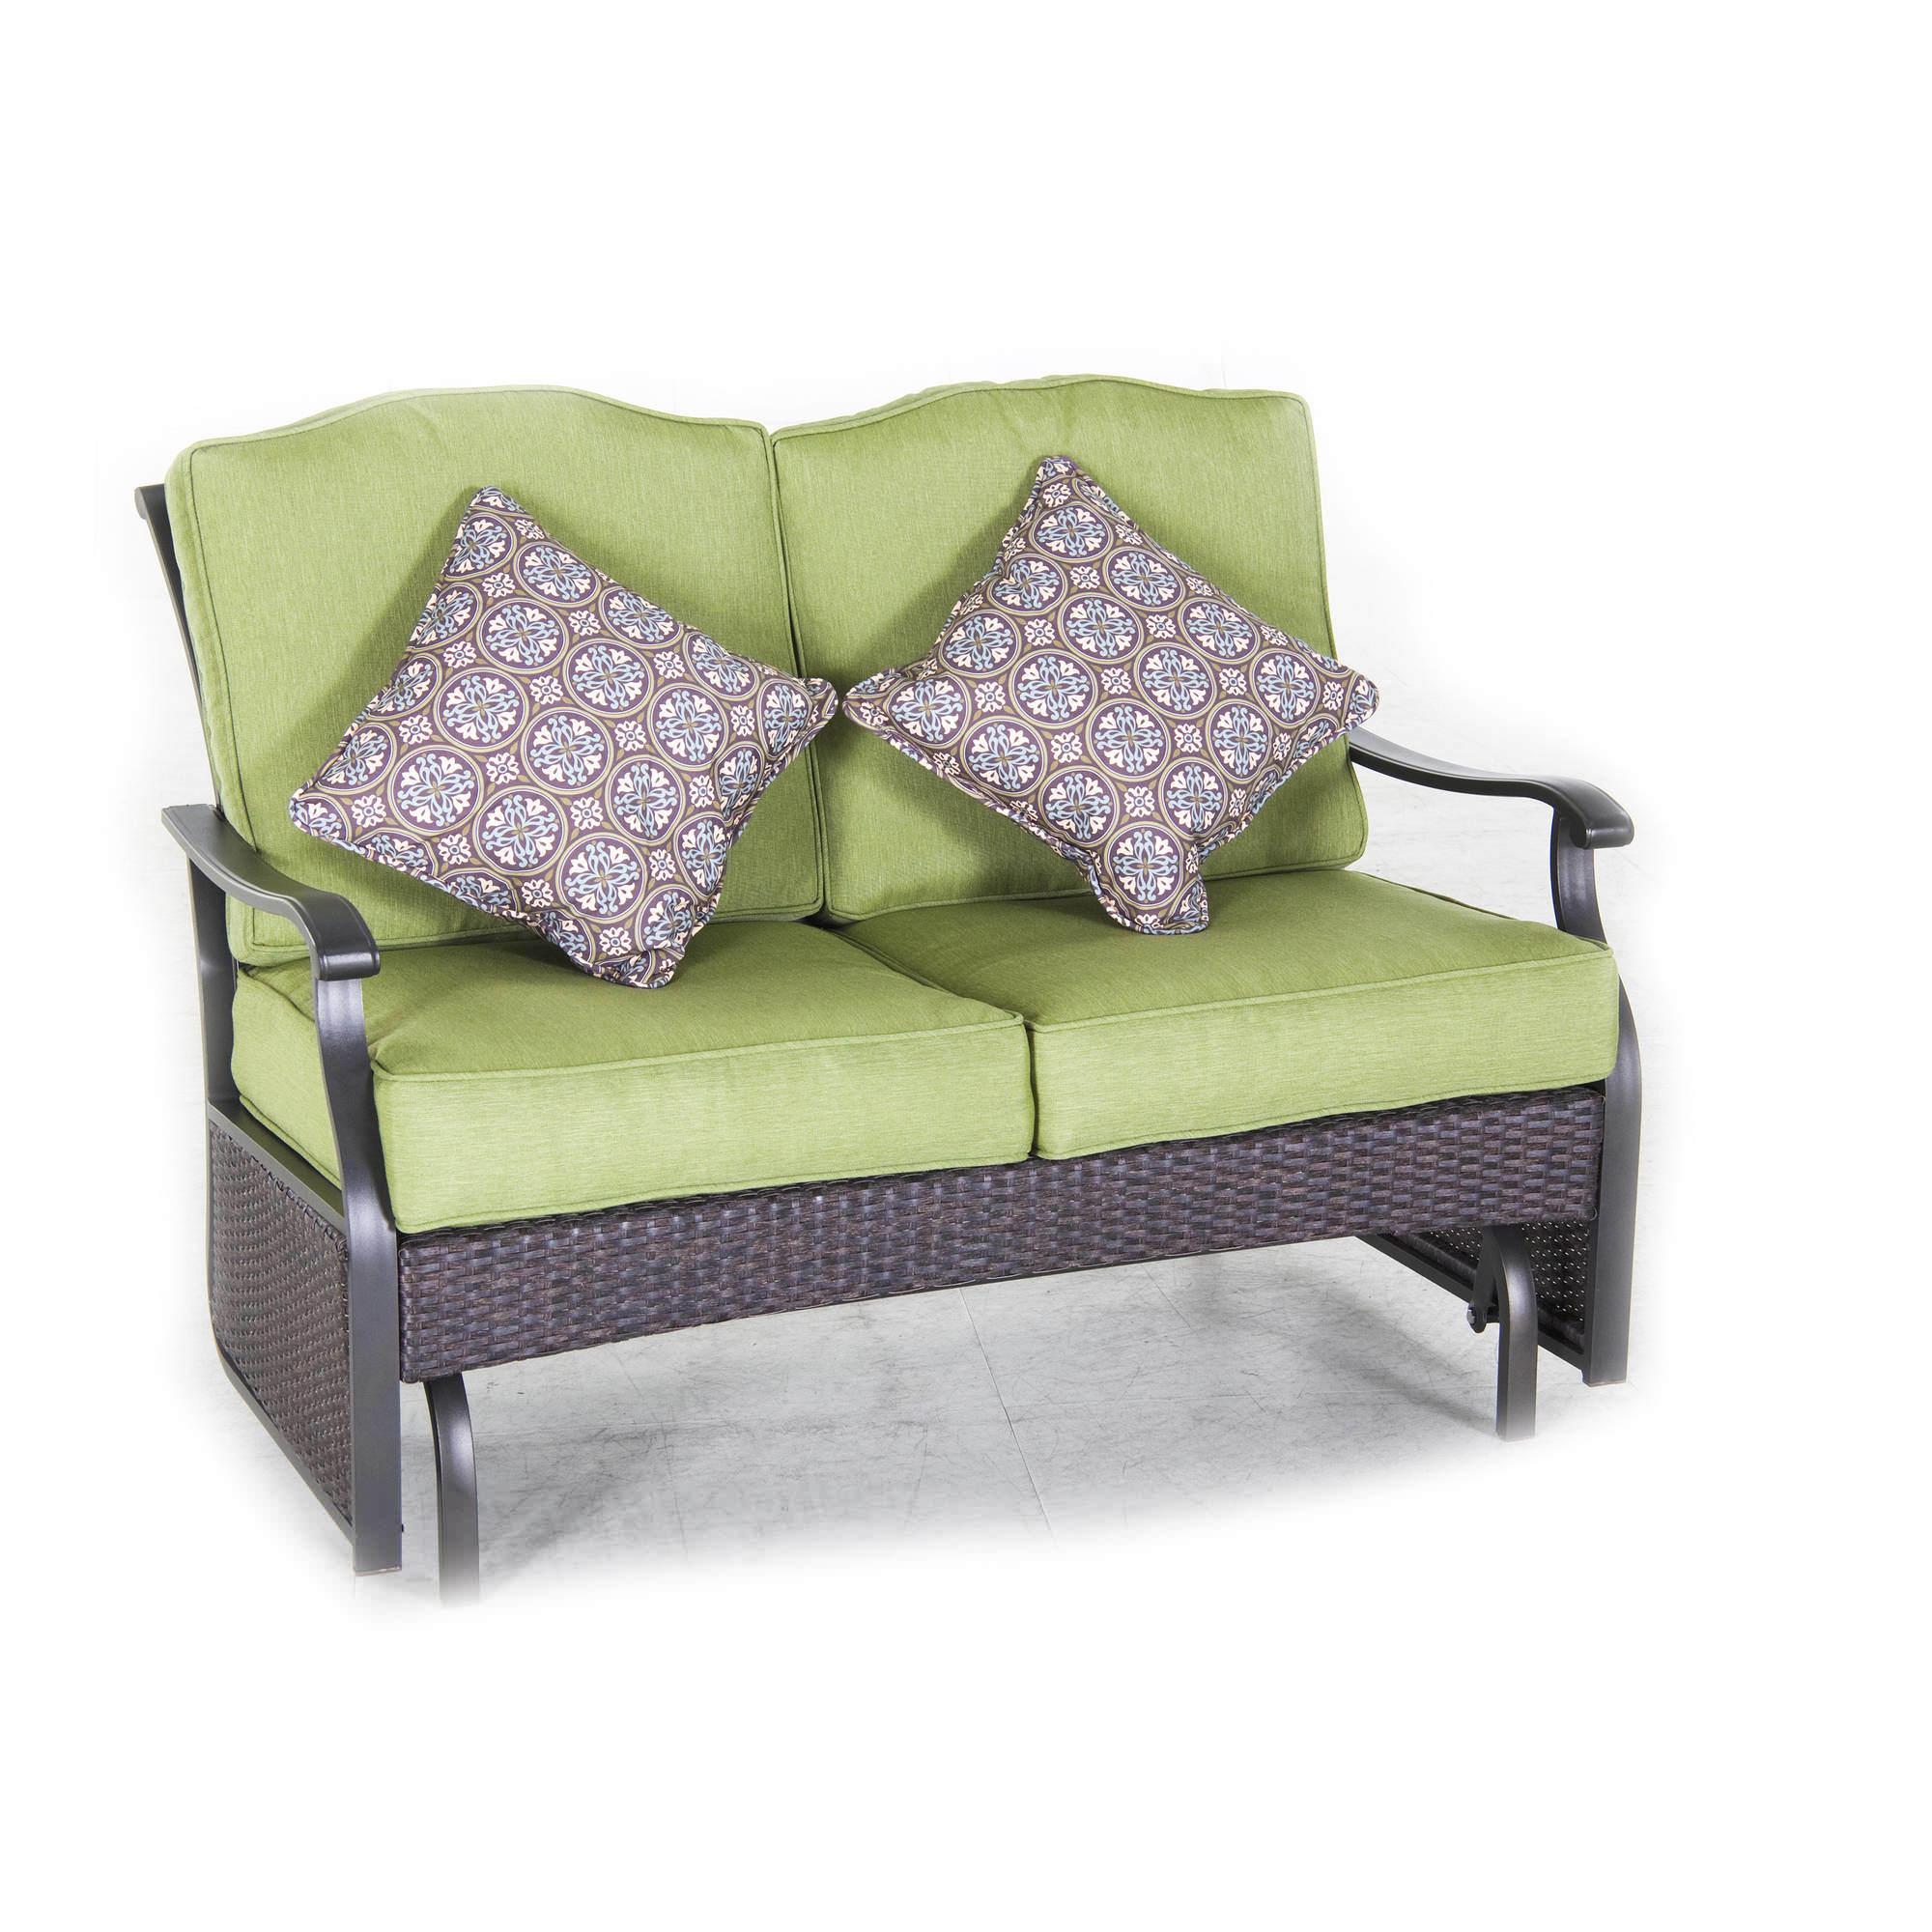 www walmart com patio furniture walmart outdoor furniture canada glider ottoman glider chair rocking